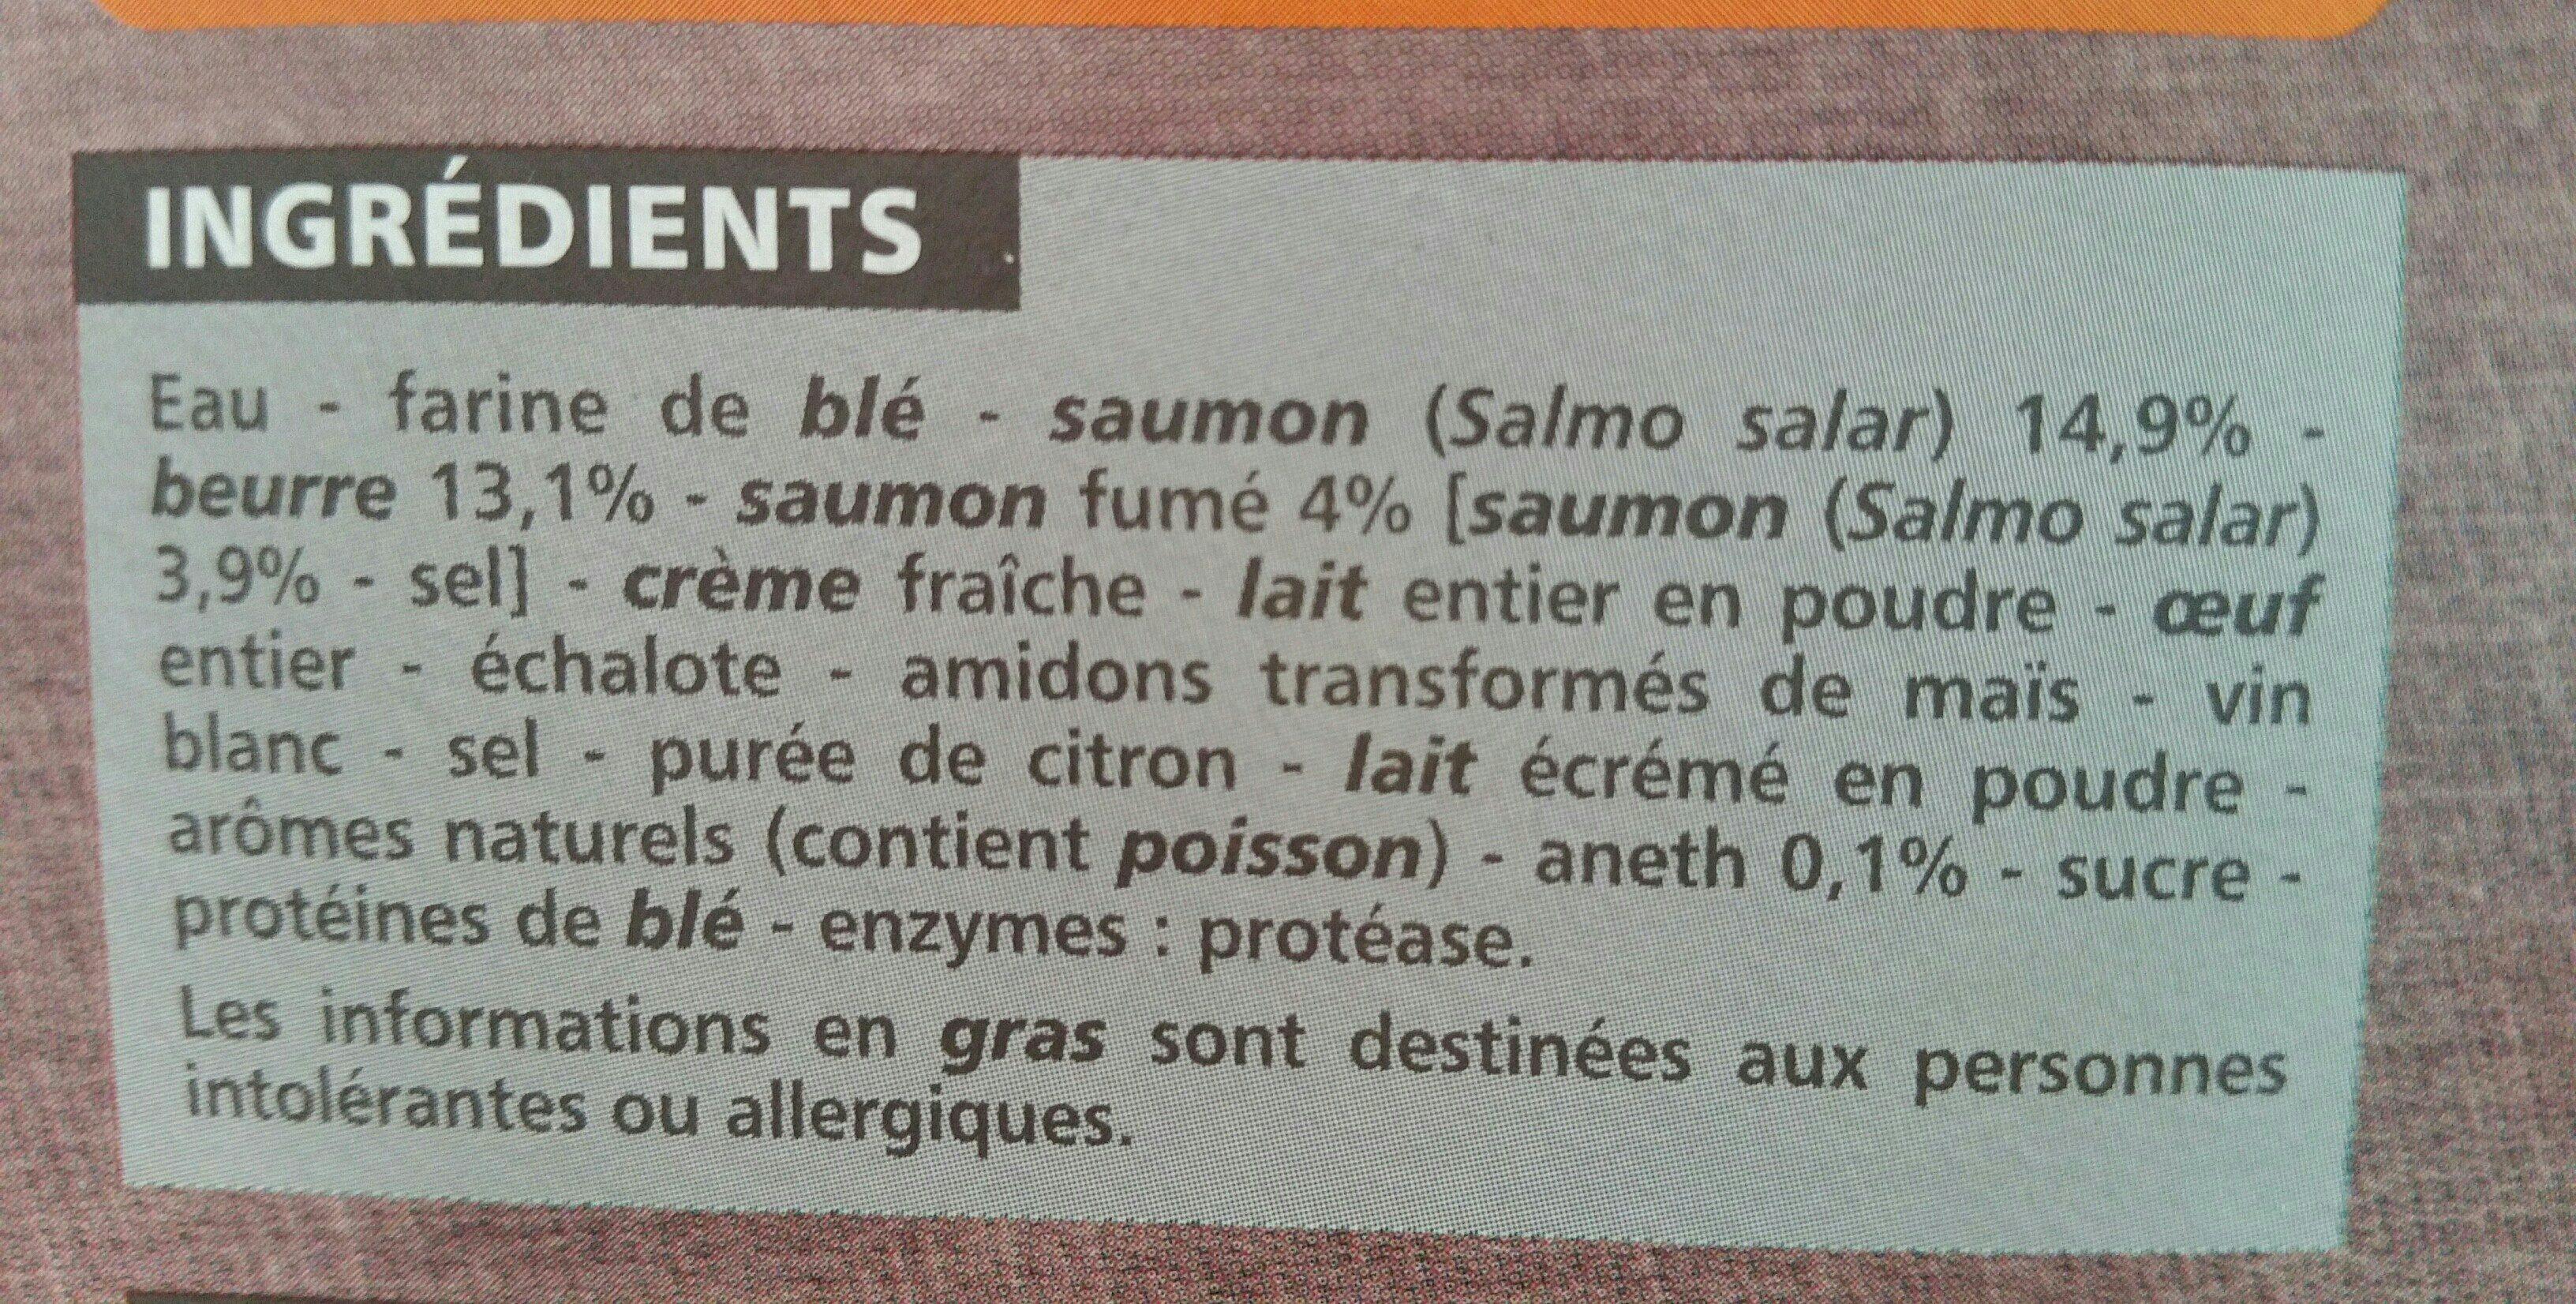 Entrées feuilletées aux 2 saumons - Ingrédients - fr